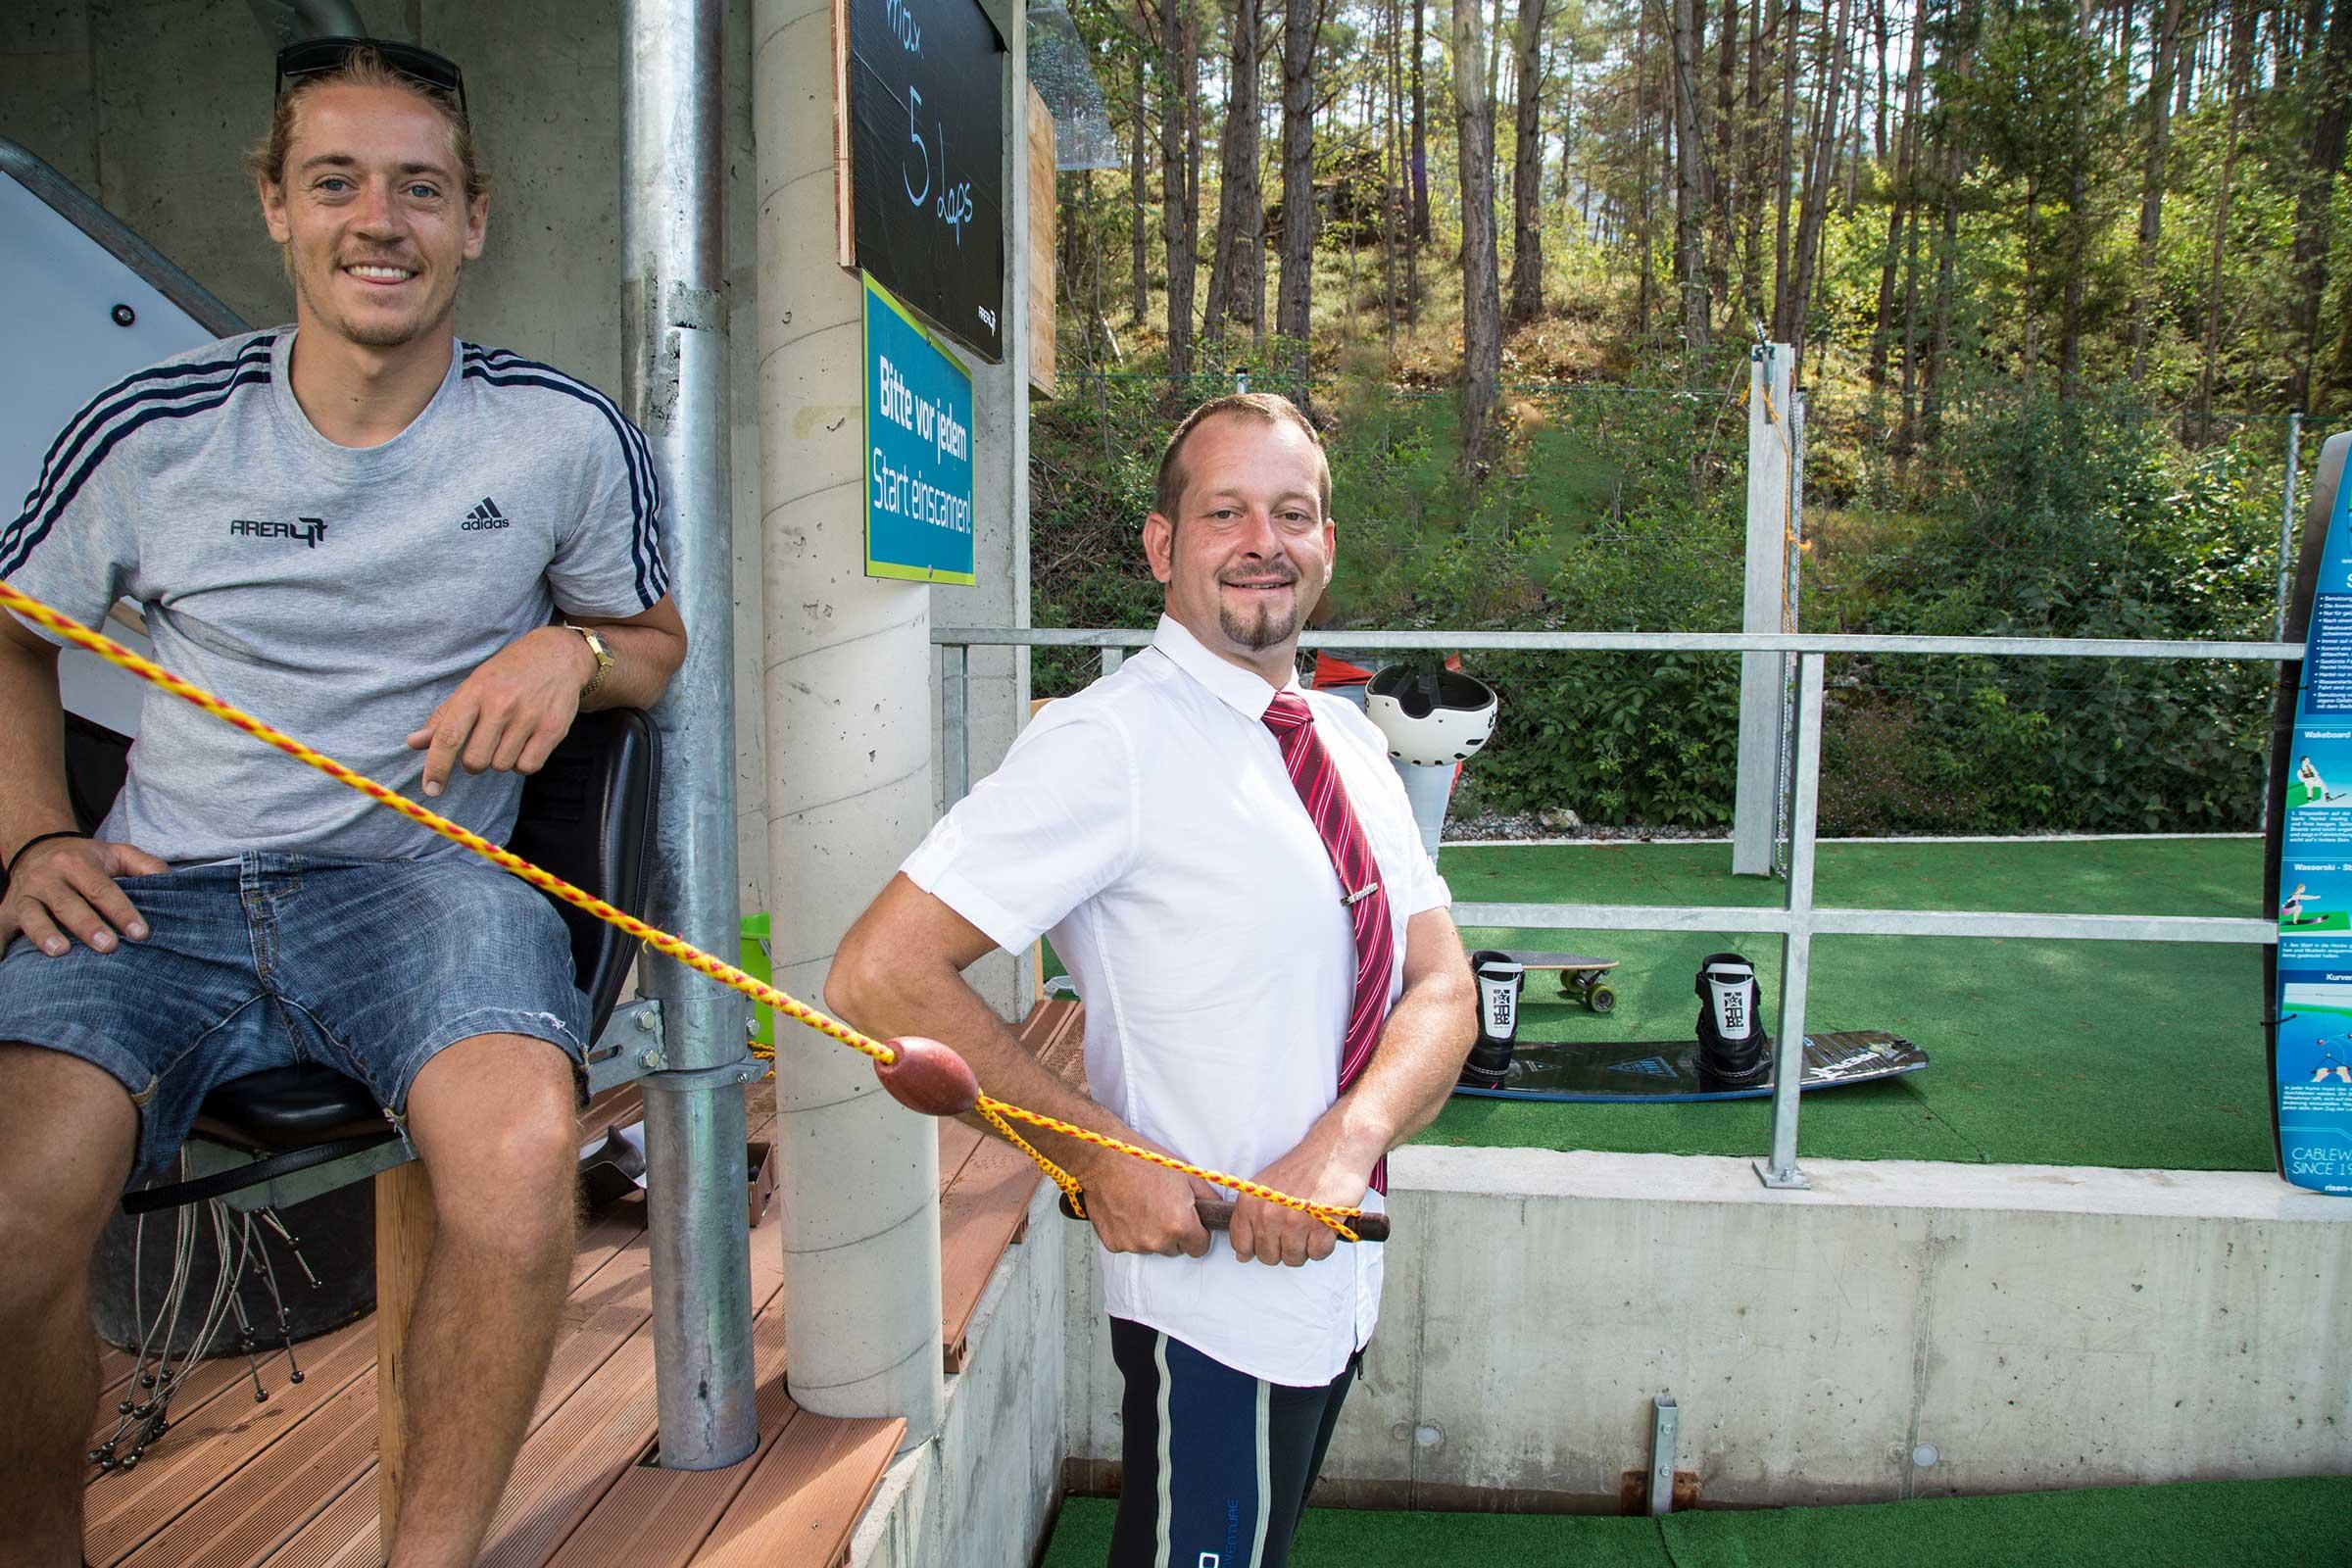 Lokführer Christoph bei Wakeboardlift - Area 47 Wake Area ÖBB